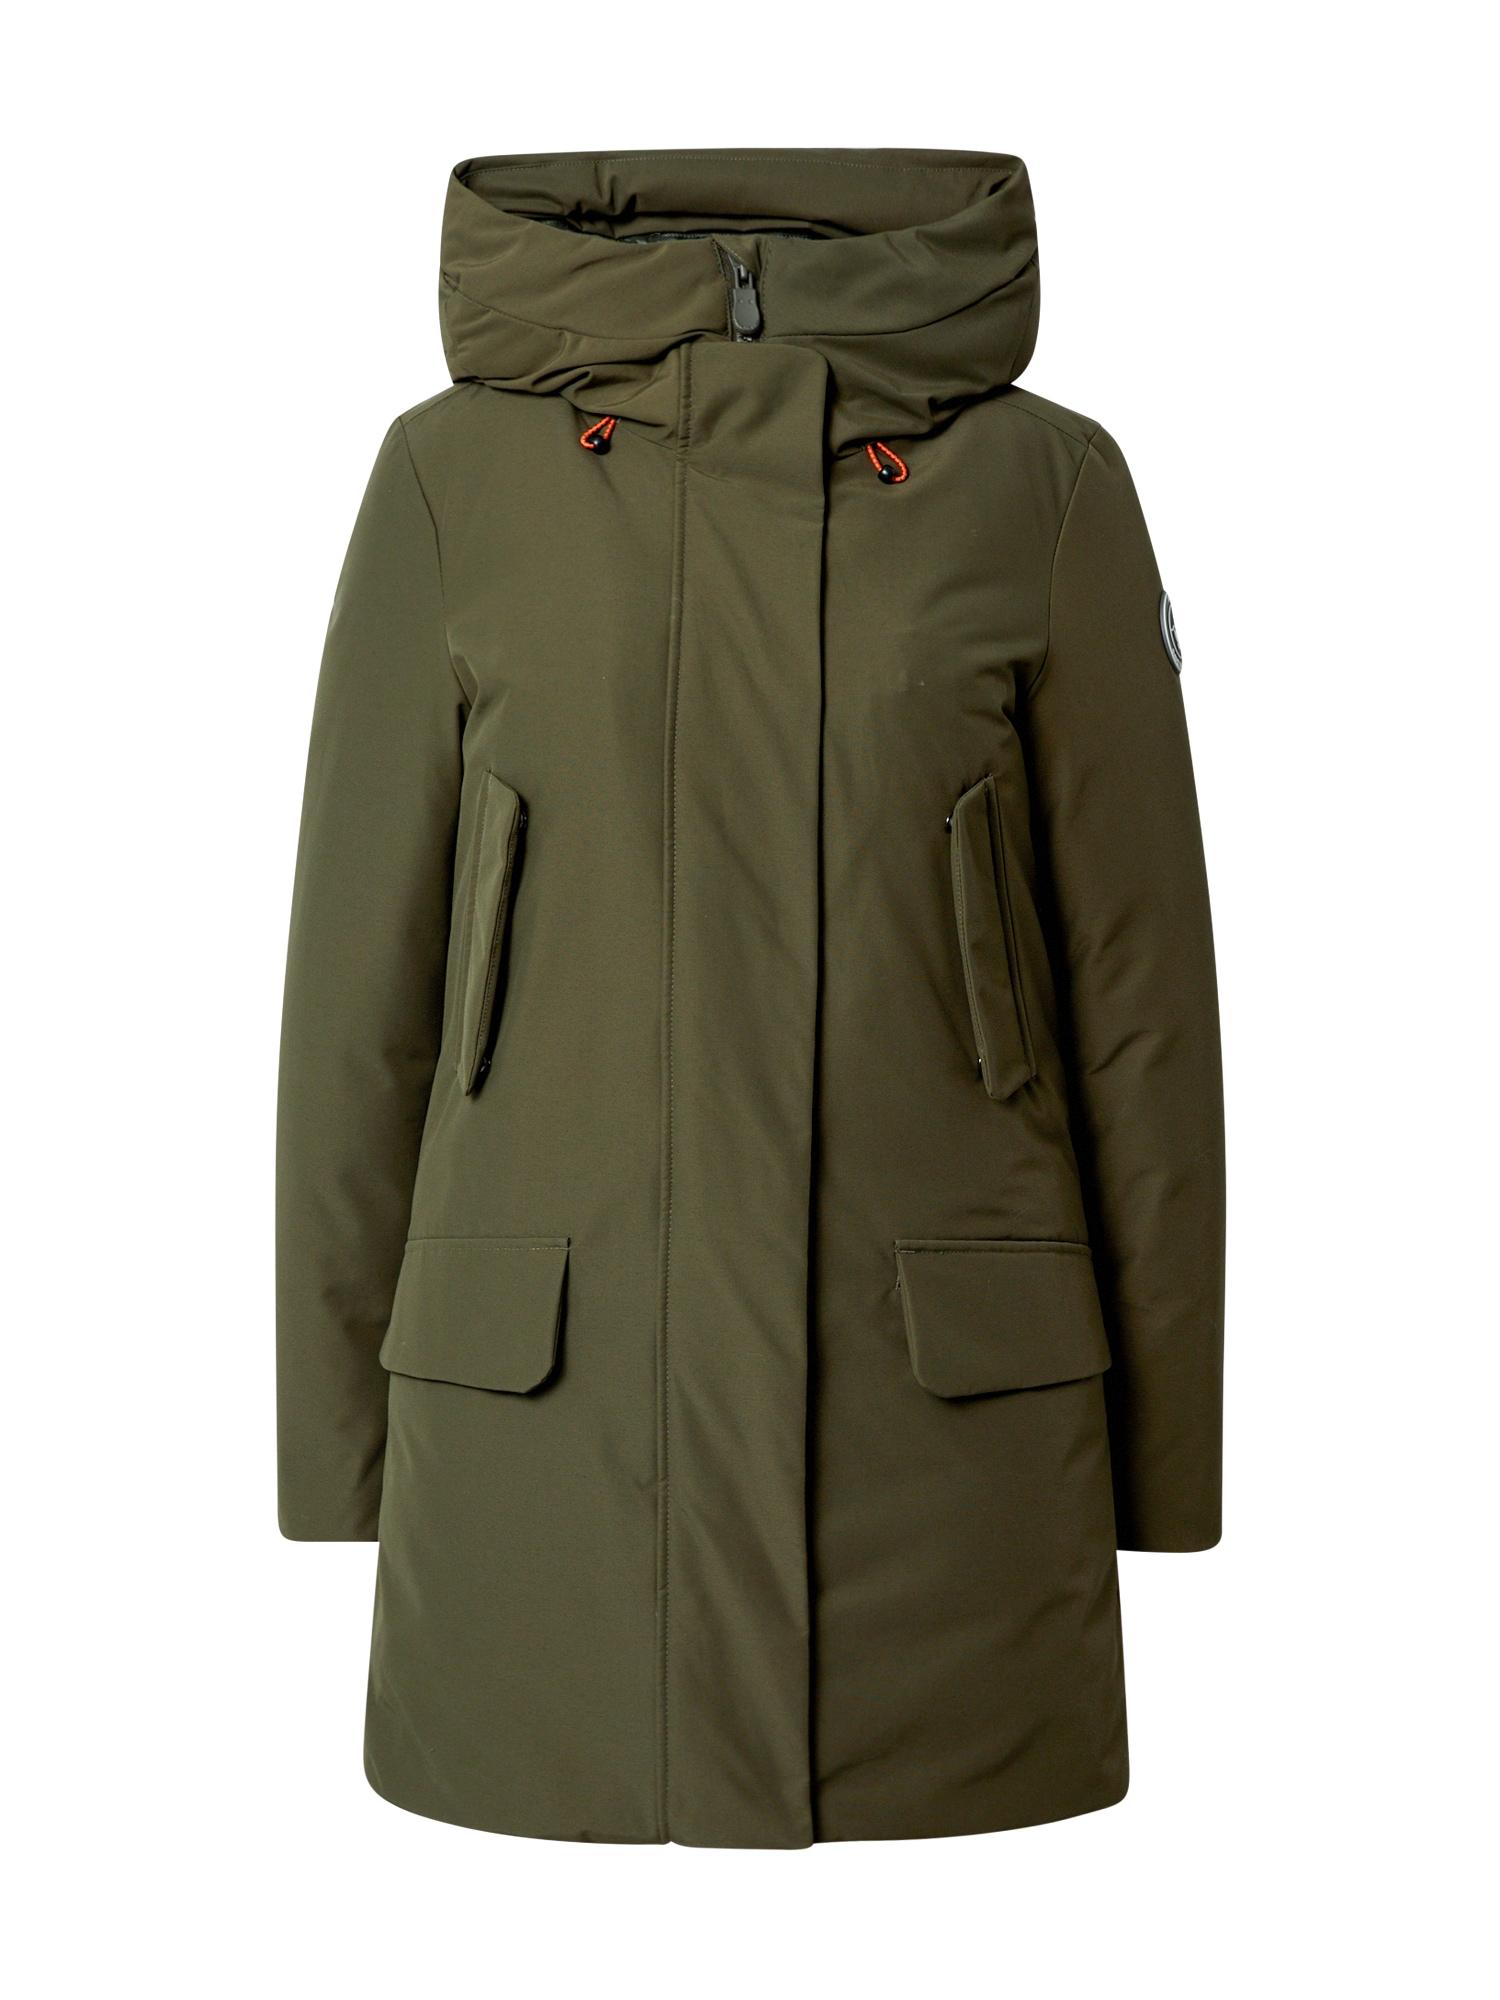 SAVE THE DUCK Žieminis paltas žalia